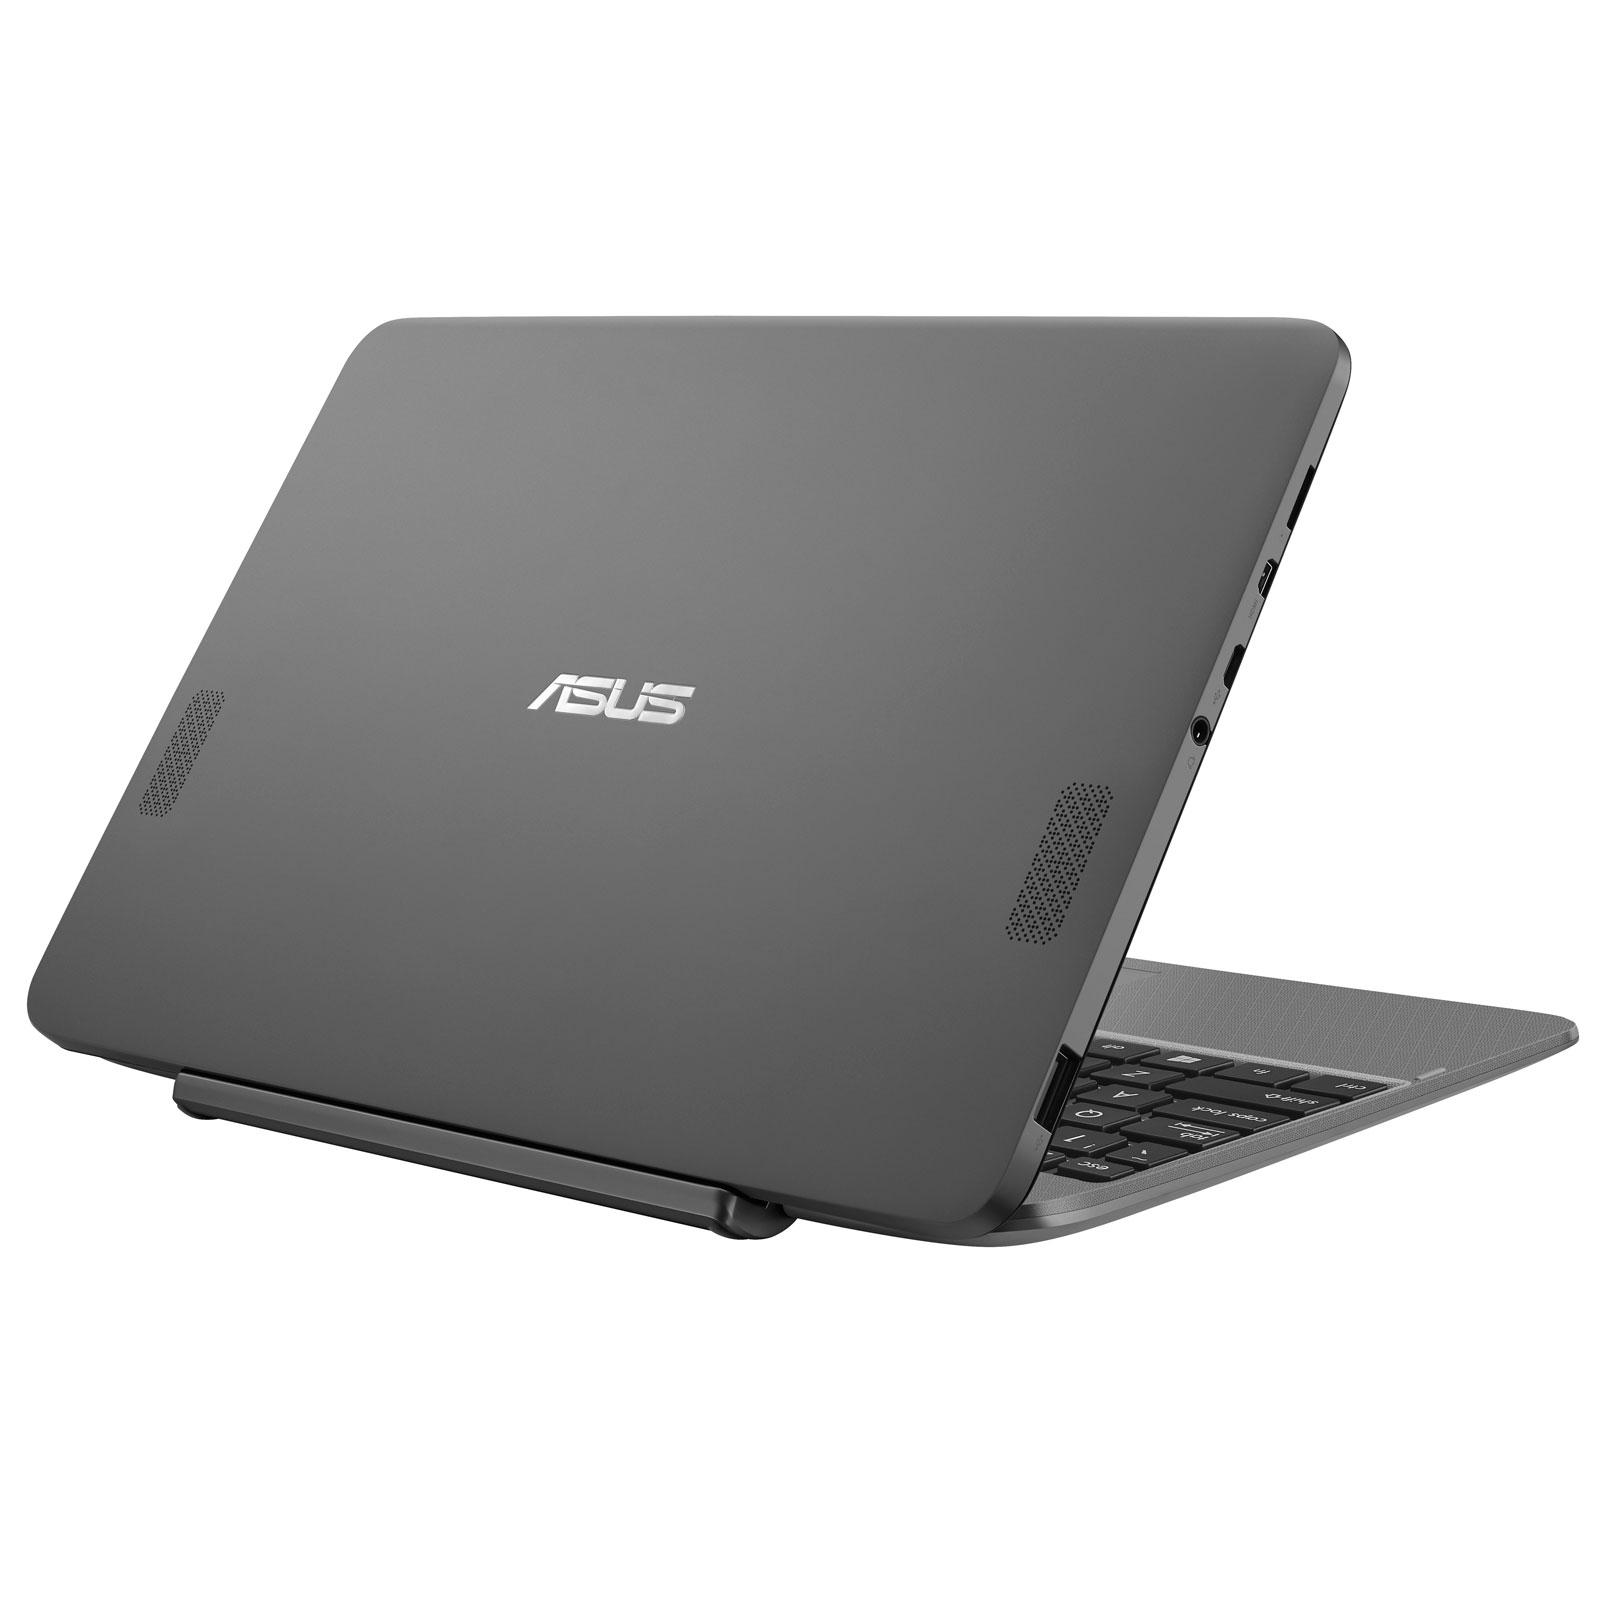 T101HA-GR029RB (T101HA-GR029RB) - Achat / Vente PC portable sur Picata.fr - 1